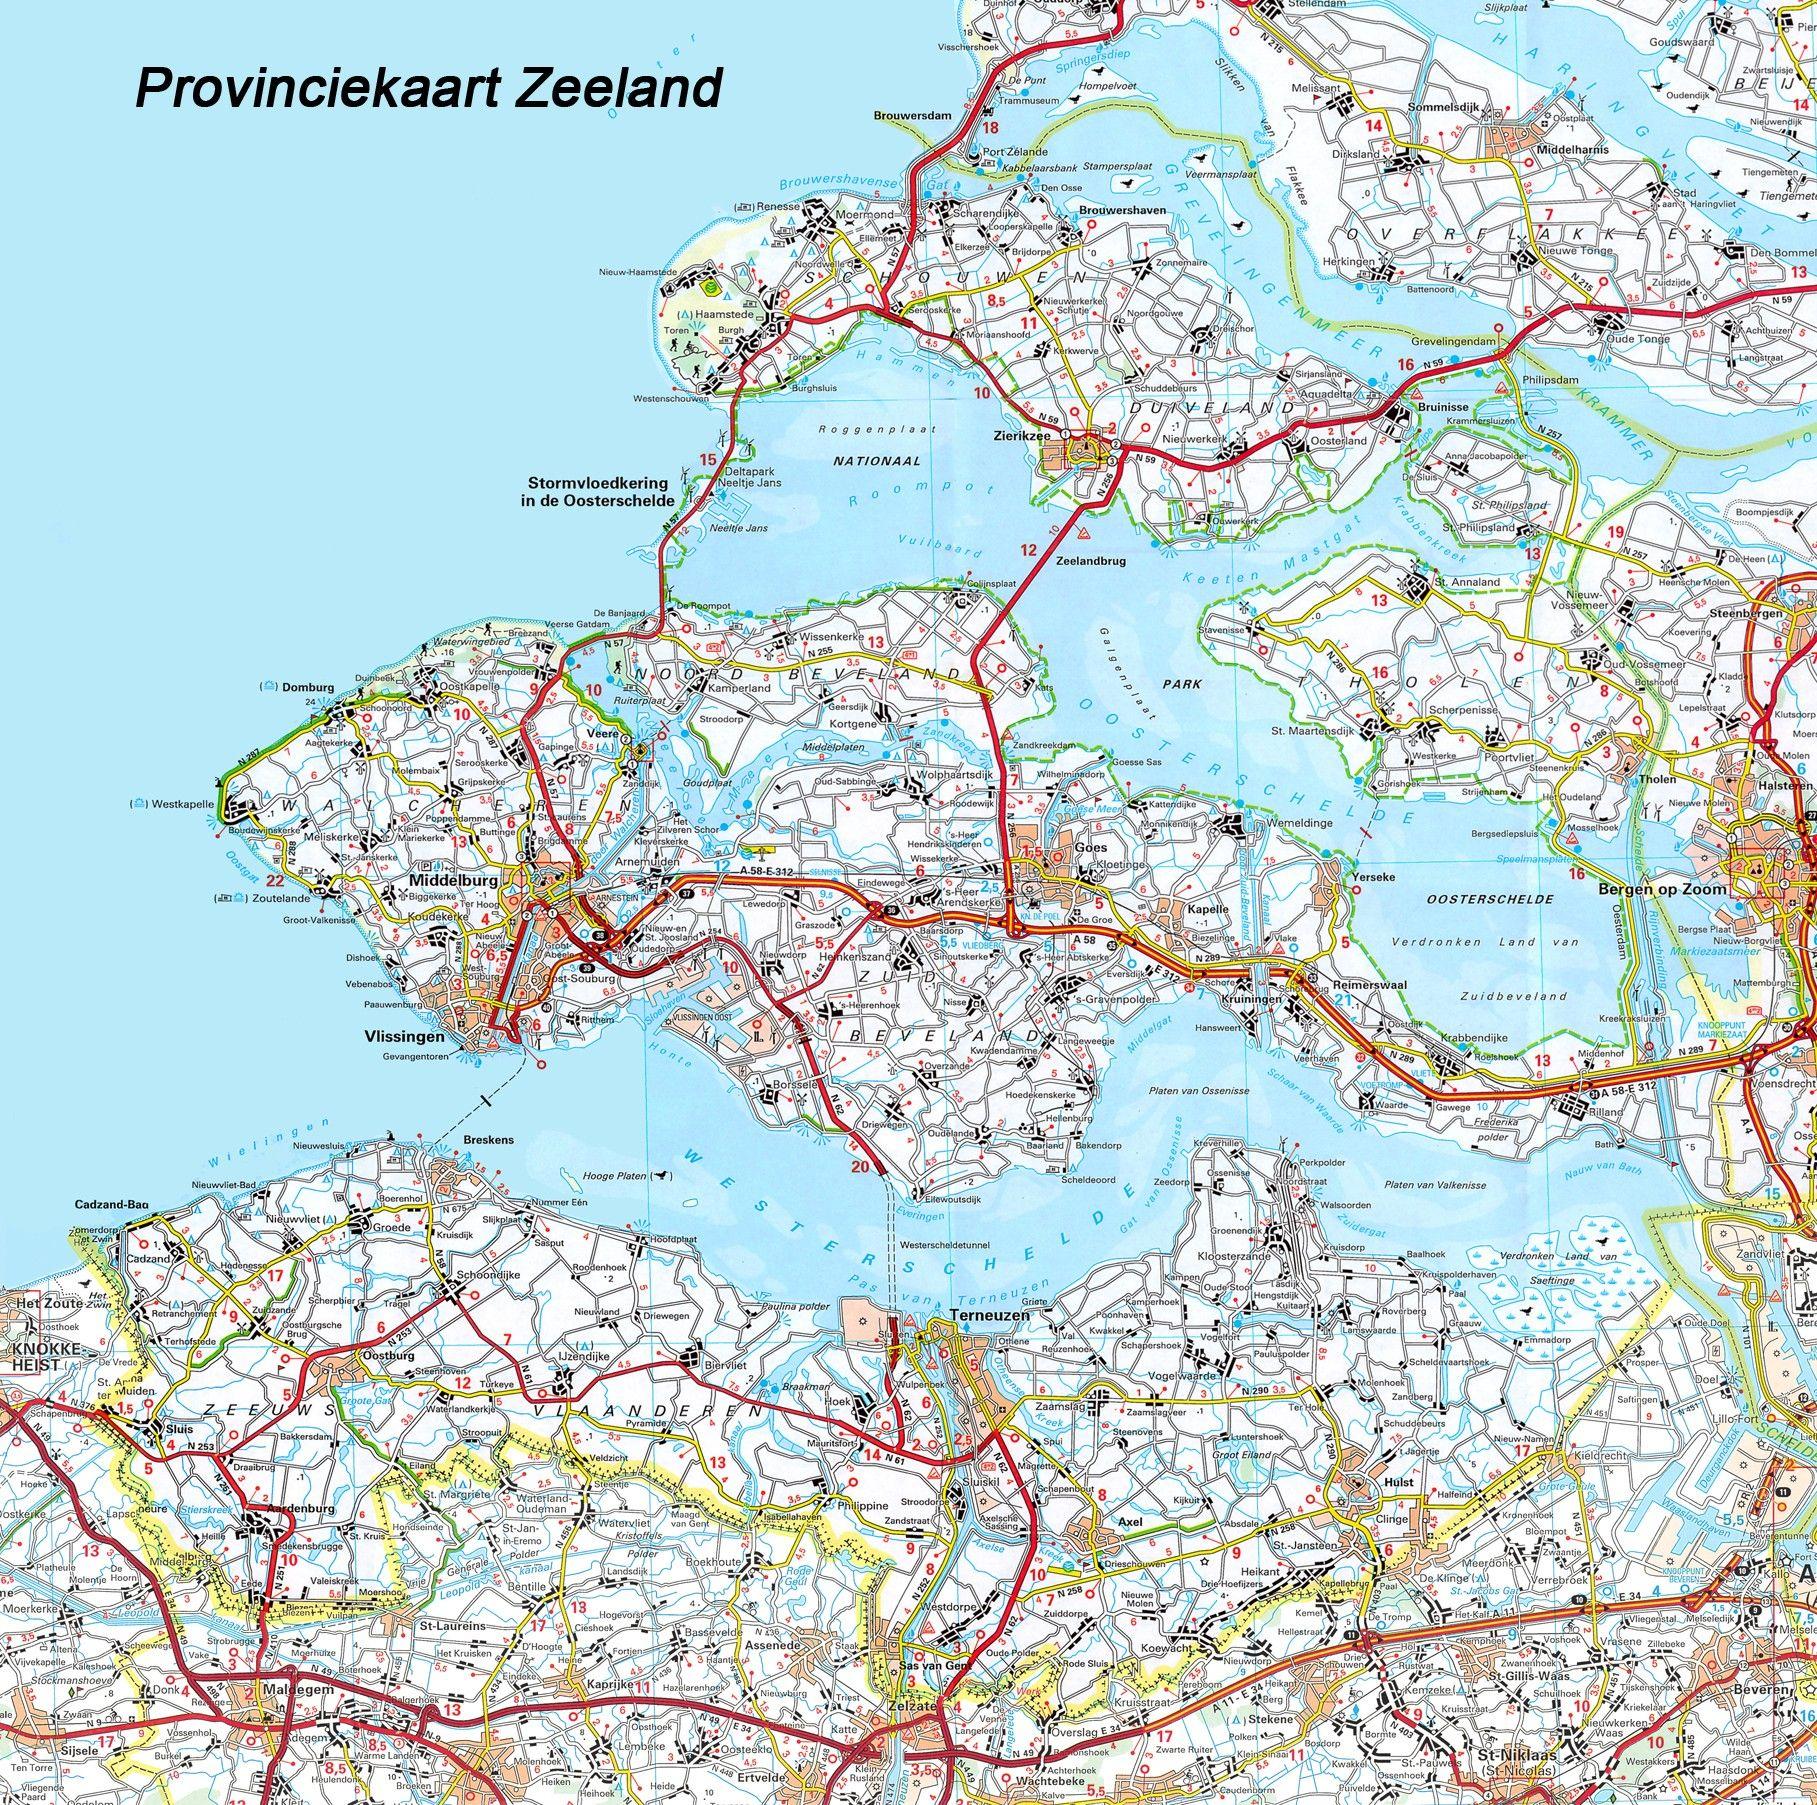 Provincie kaart Zeeland 1:100.000